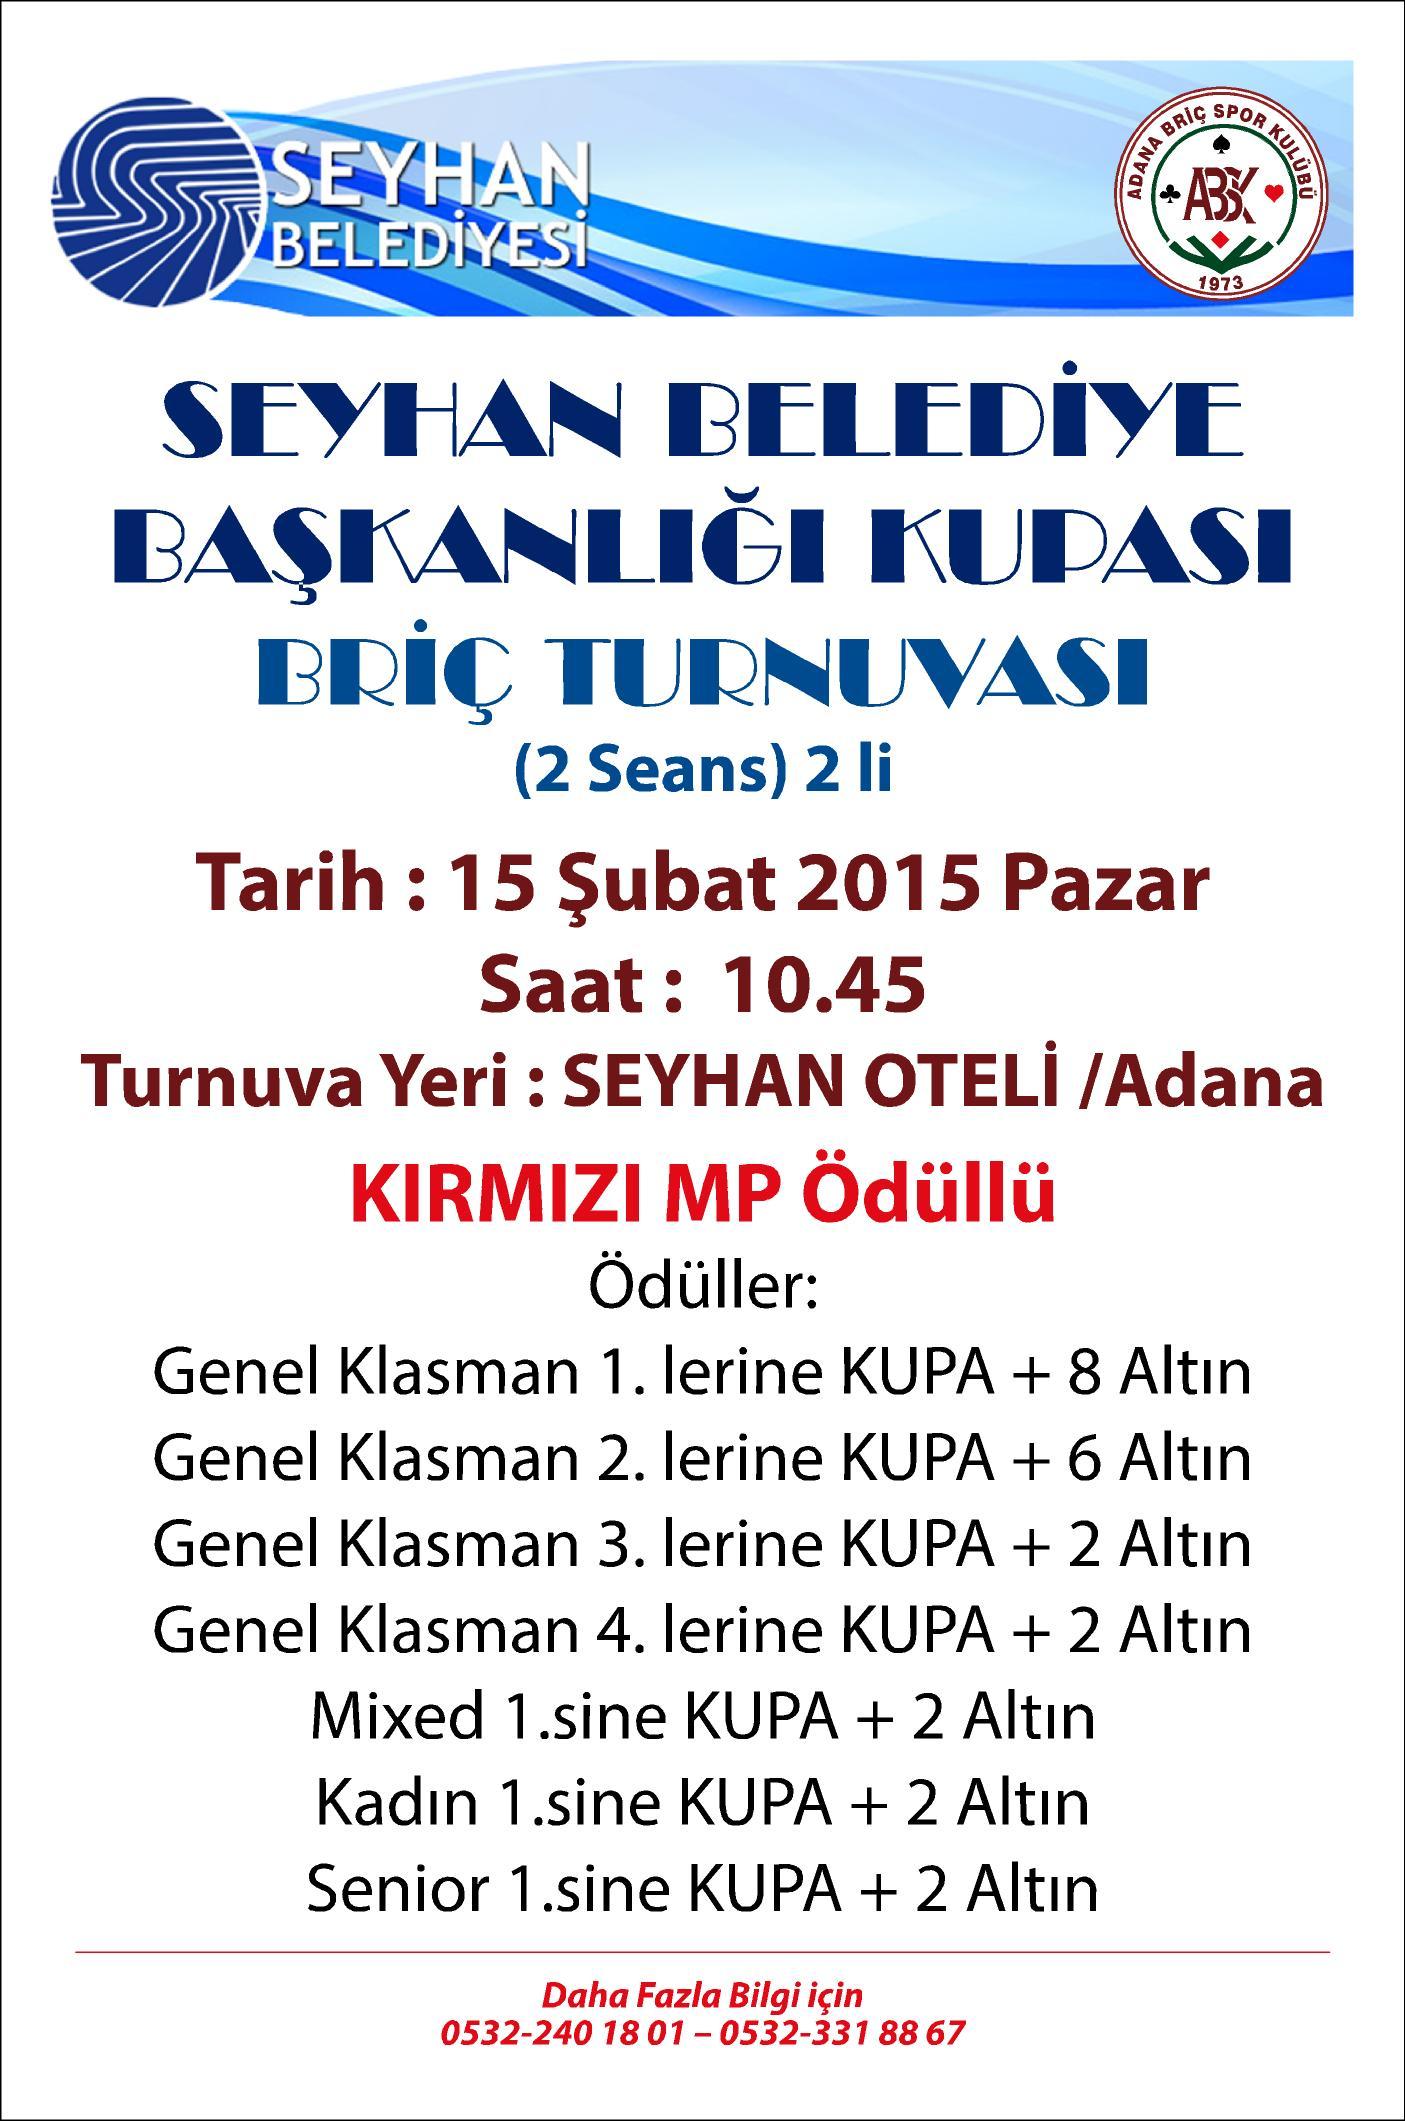 1seyhan_belediye